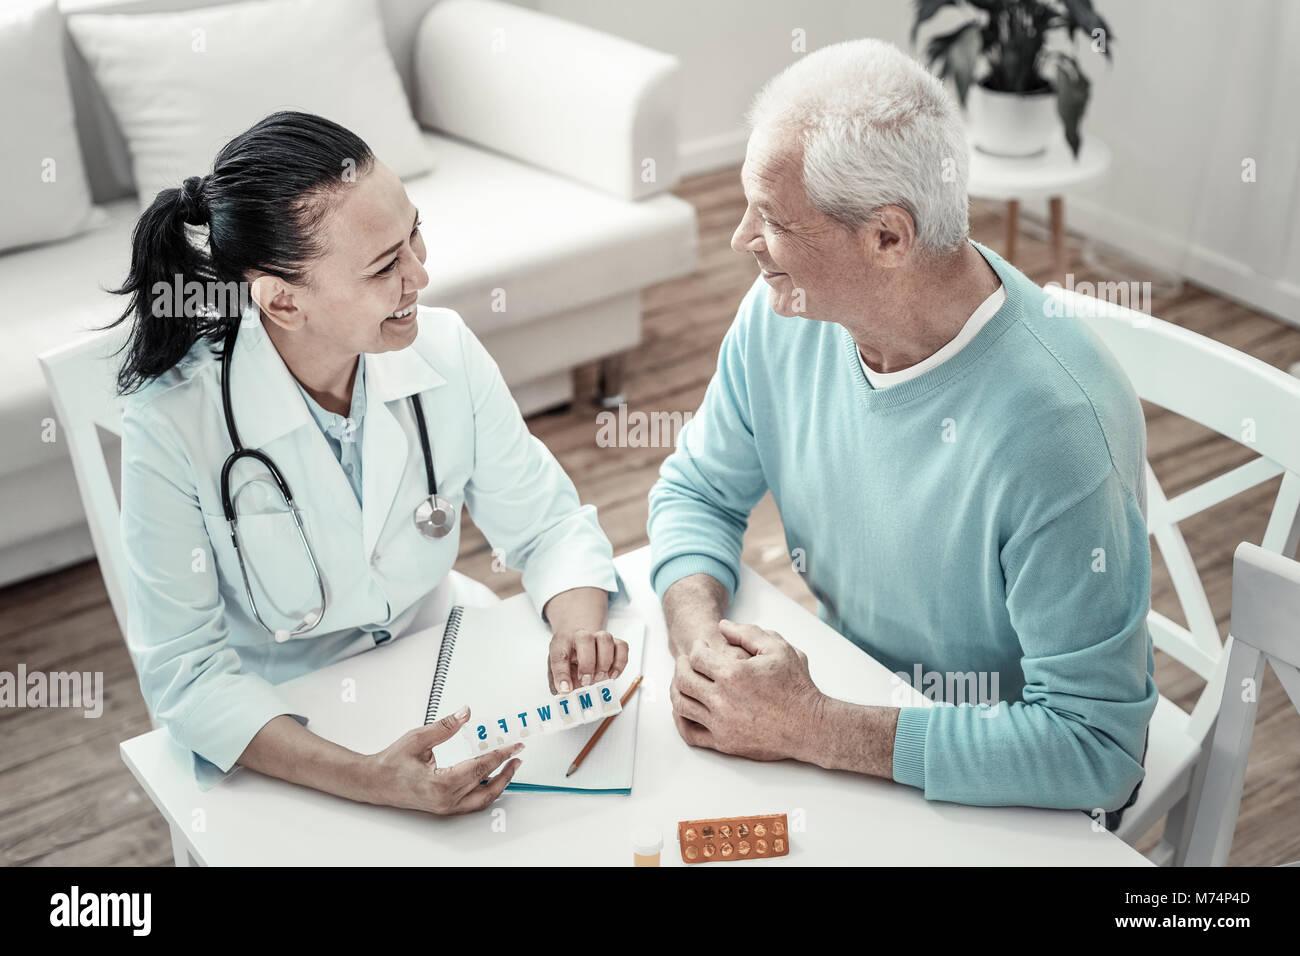 Reifen süße Krankenschwester Pillen zu geben, den Patienten und lächelnd. Stockbild